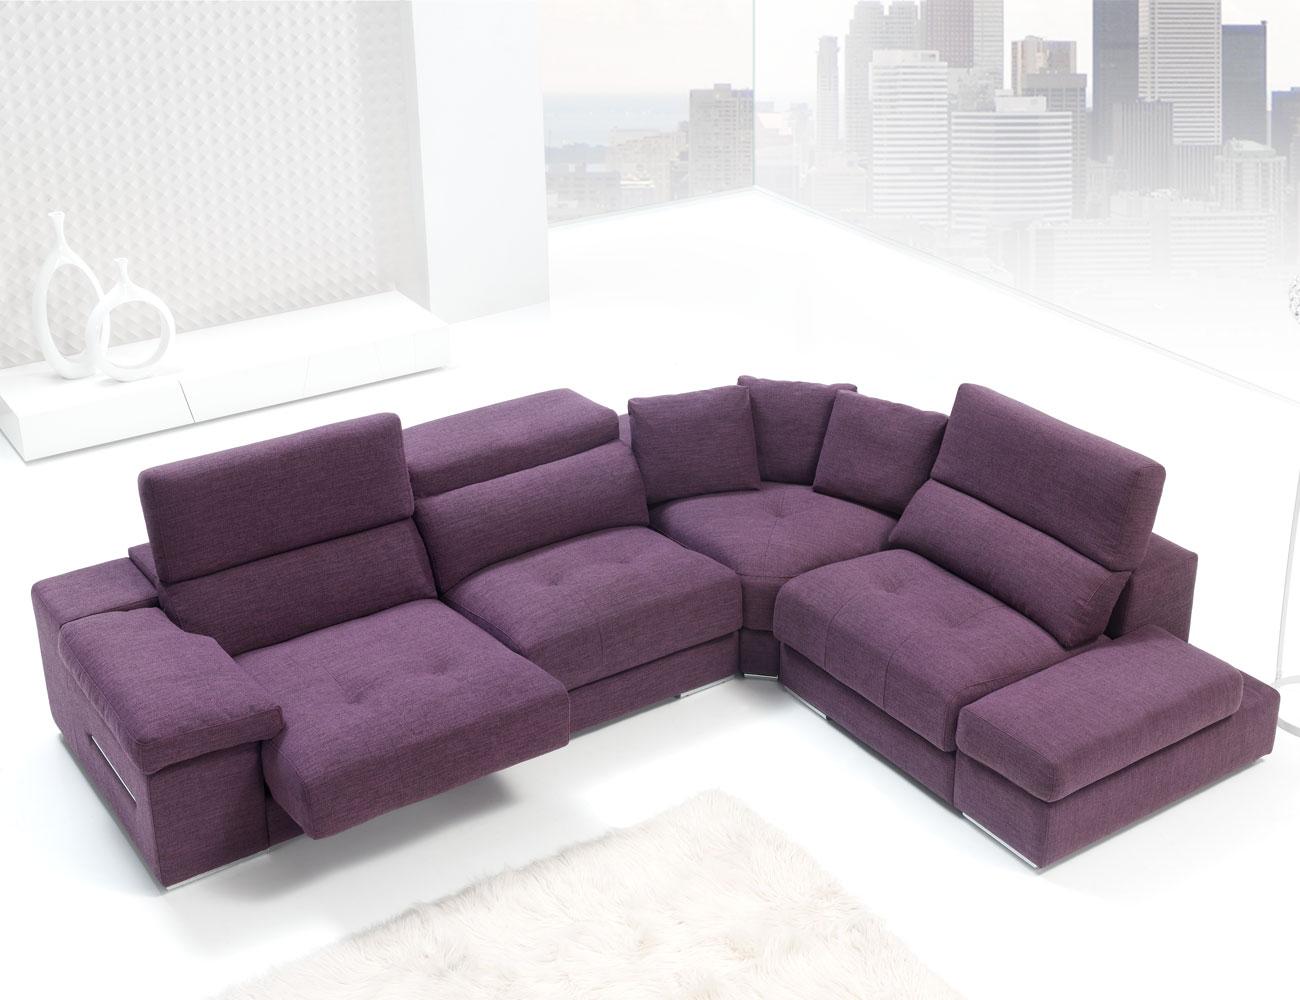 Sofa chaiselongue rincon con brazo mecanico tejido anti manchas 217